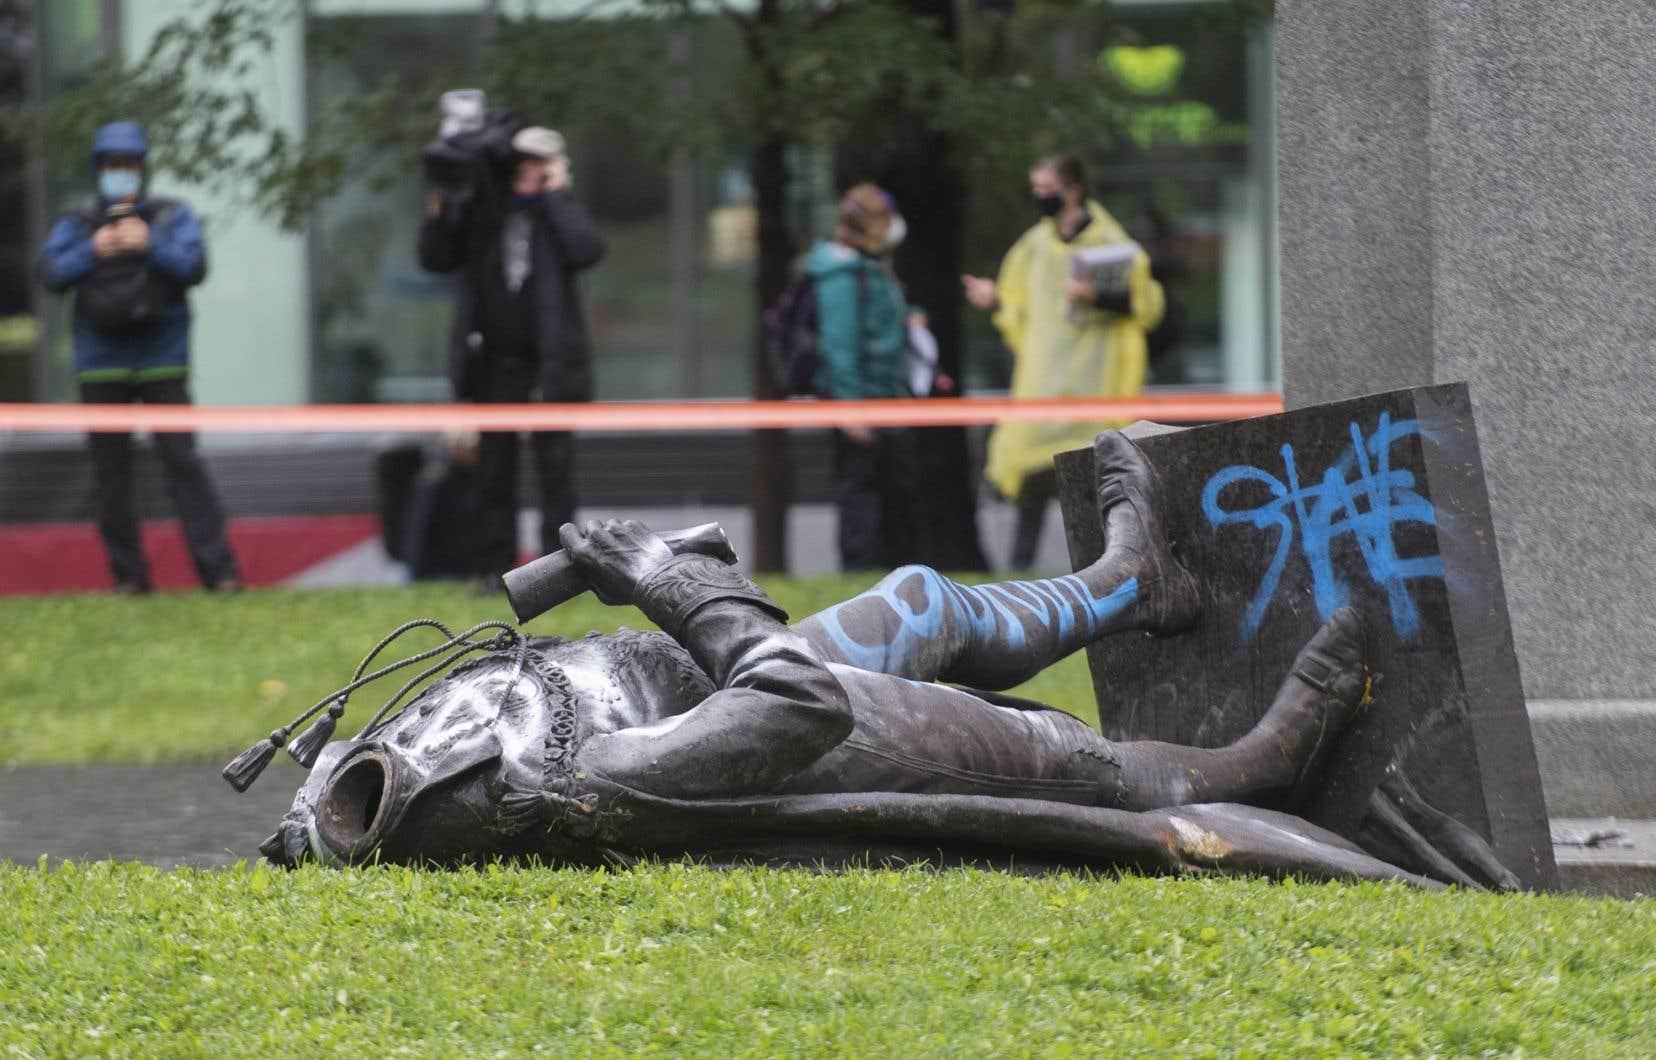 Par le passé, ce monument a été souvent vandalisé. Des opposants l'ont gribouillé de graffitis ou l'ont éclaboussé de peinture.